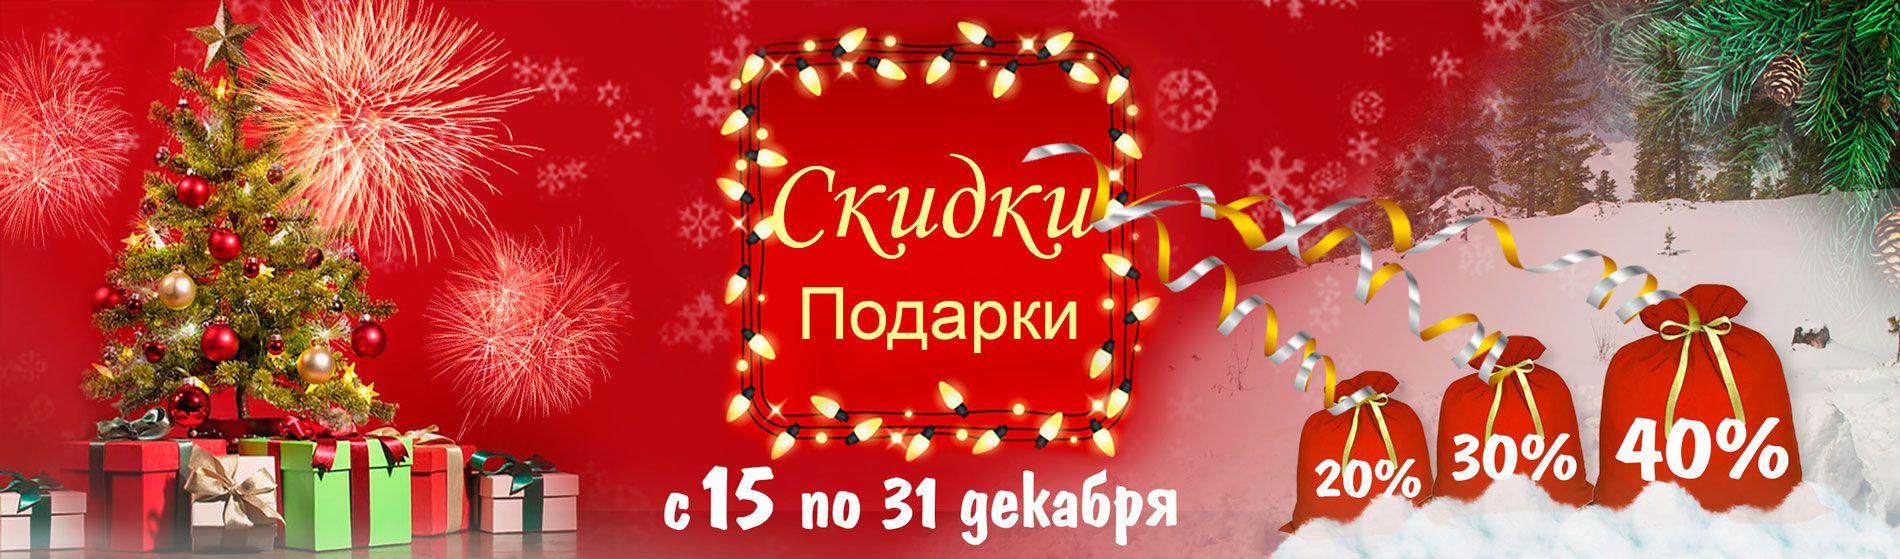 Скидки и подарки с 15 по 31 декабря 2019 года в магазинах-салонах кожи и меха ЭЛИТА